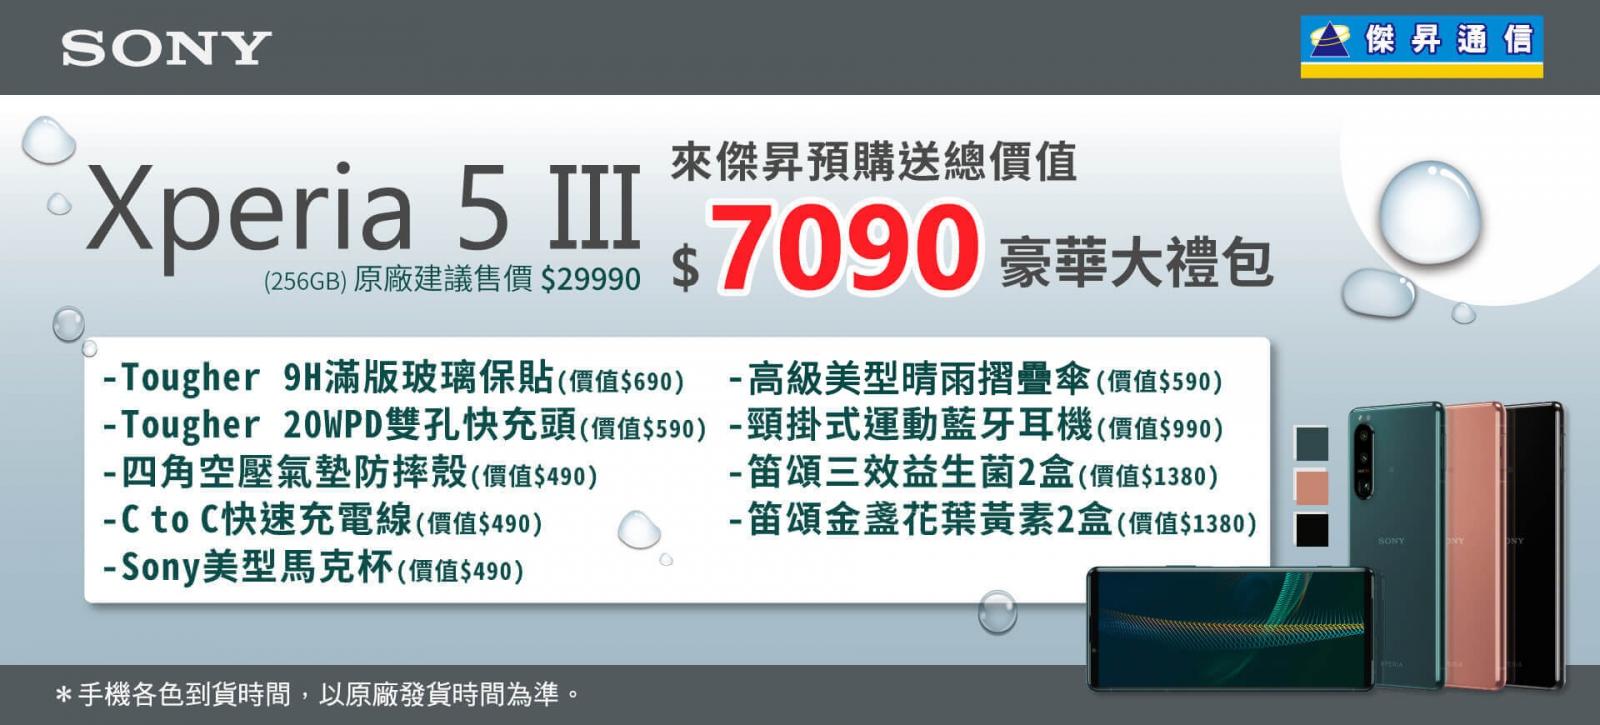 小手機當道 來傑昇搶先預購SONY Xperia 5 III現賺7千